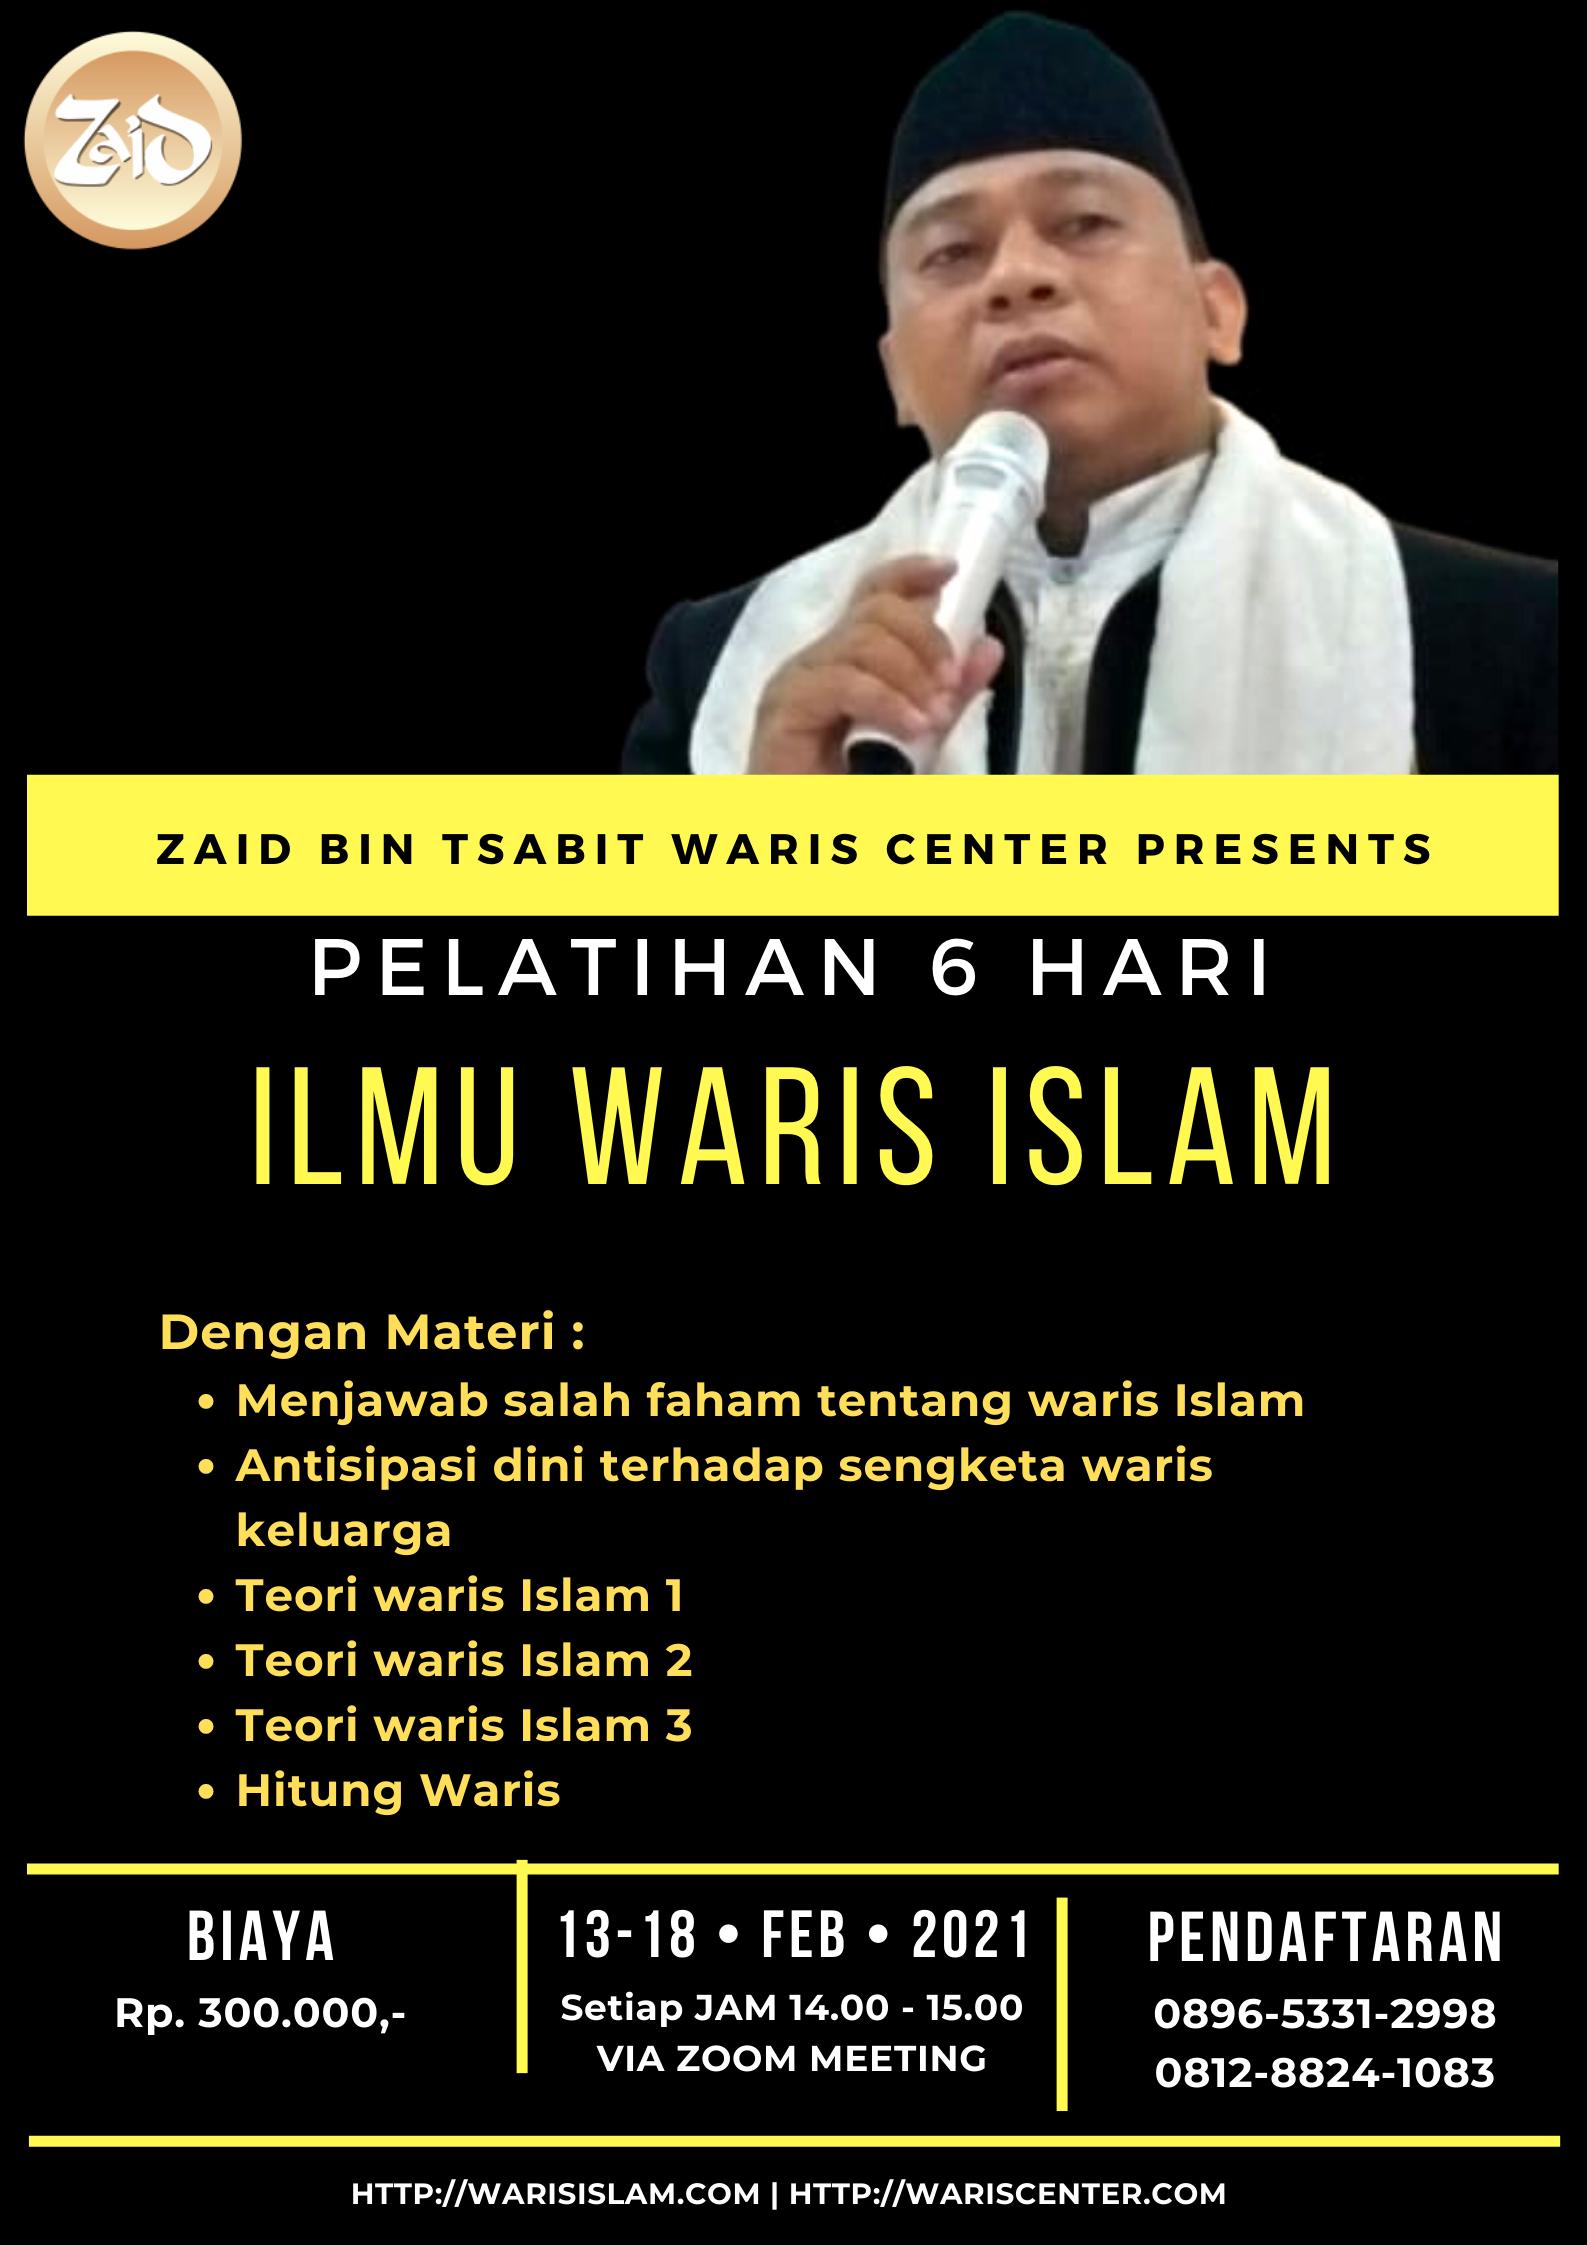 Pelatihan 6 hari Ilmu Waris Islam